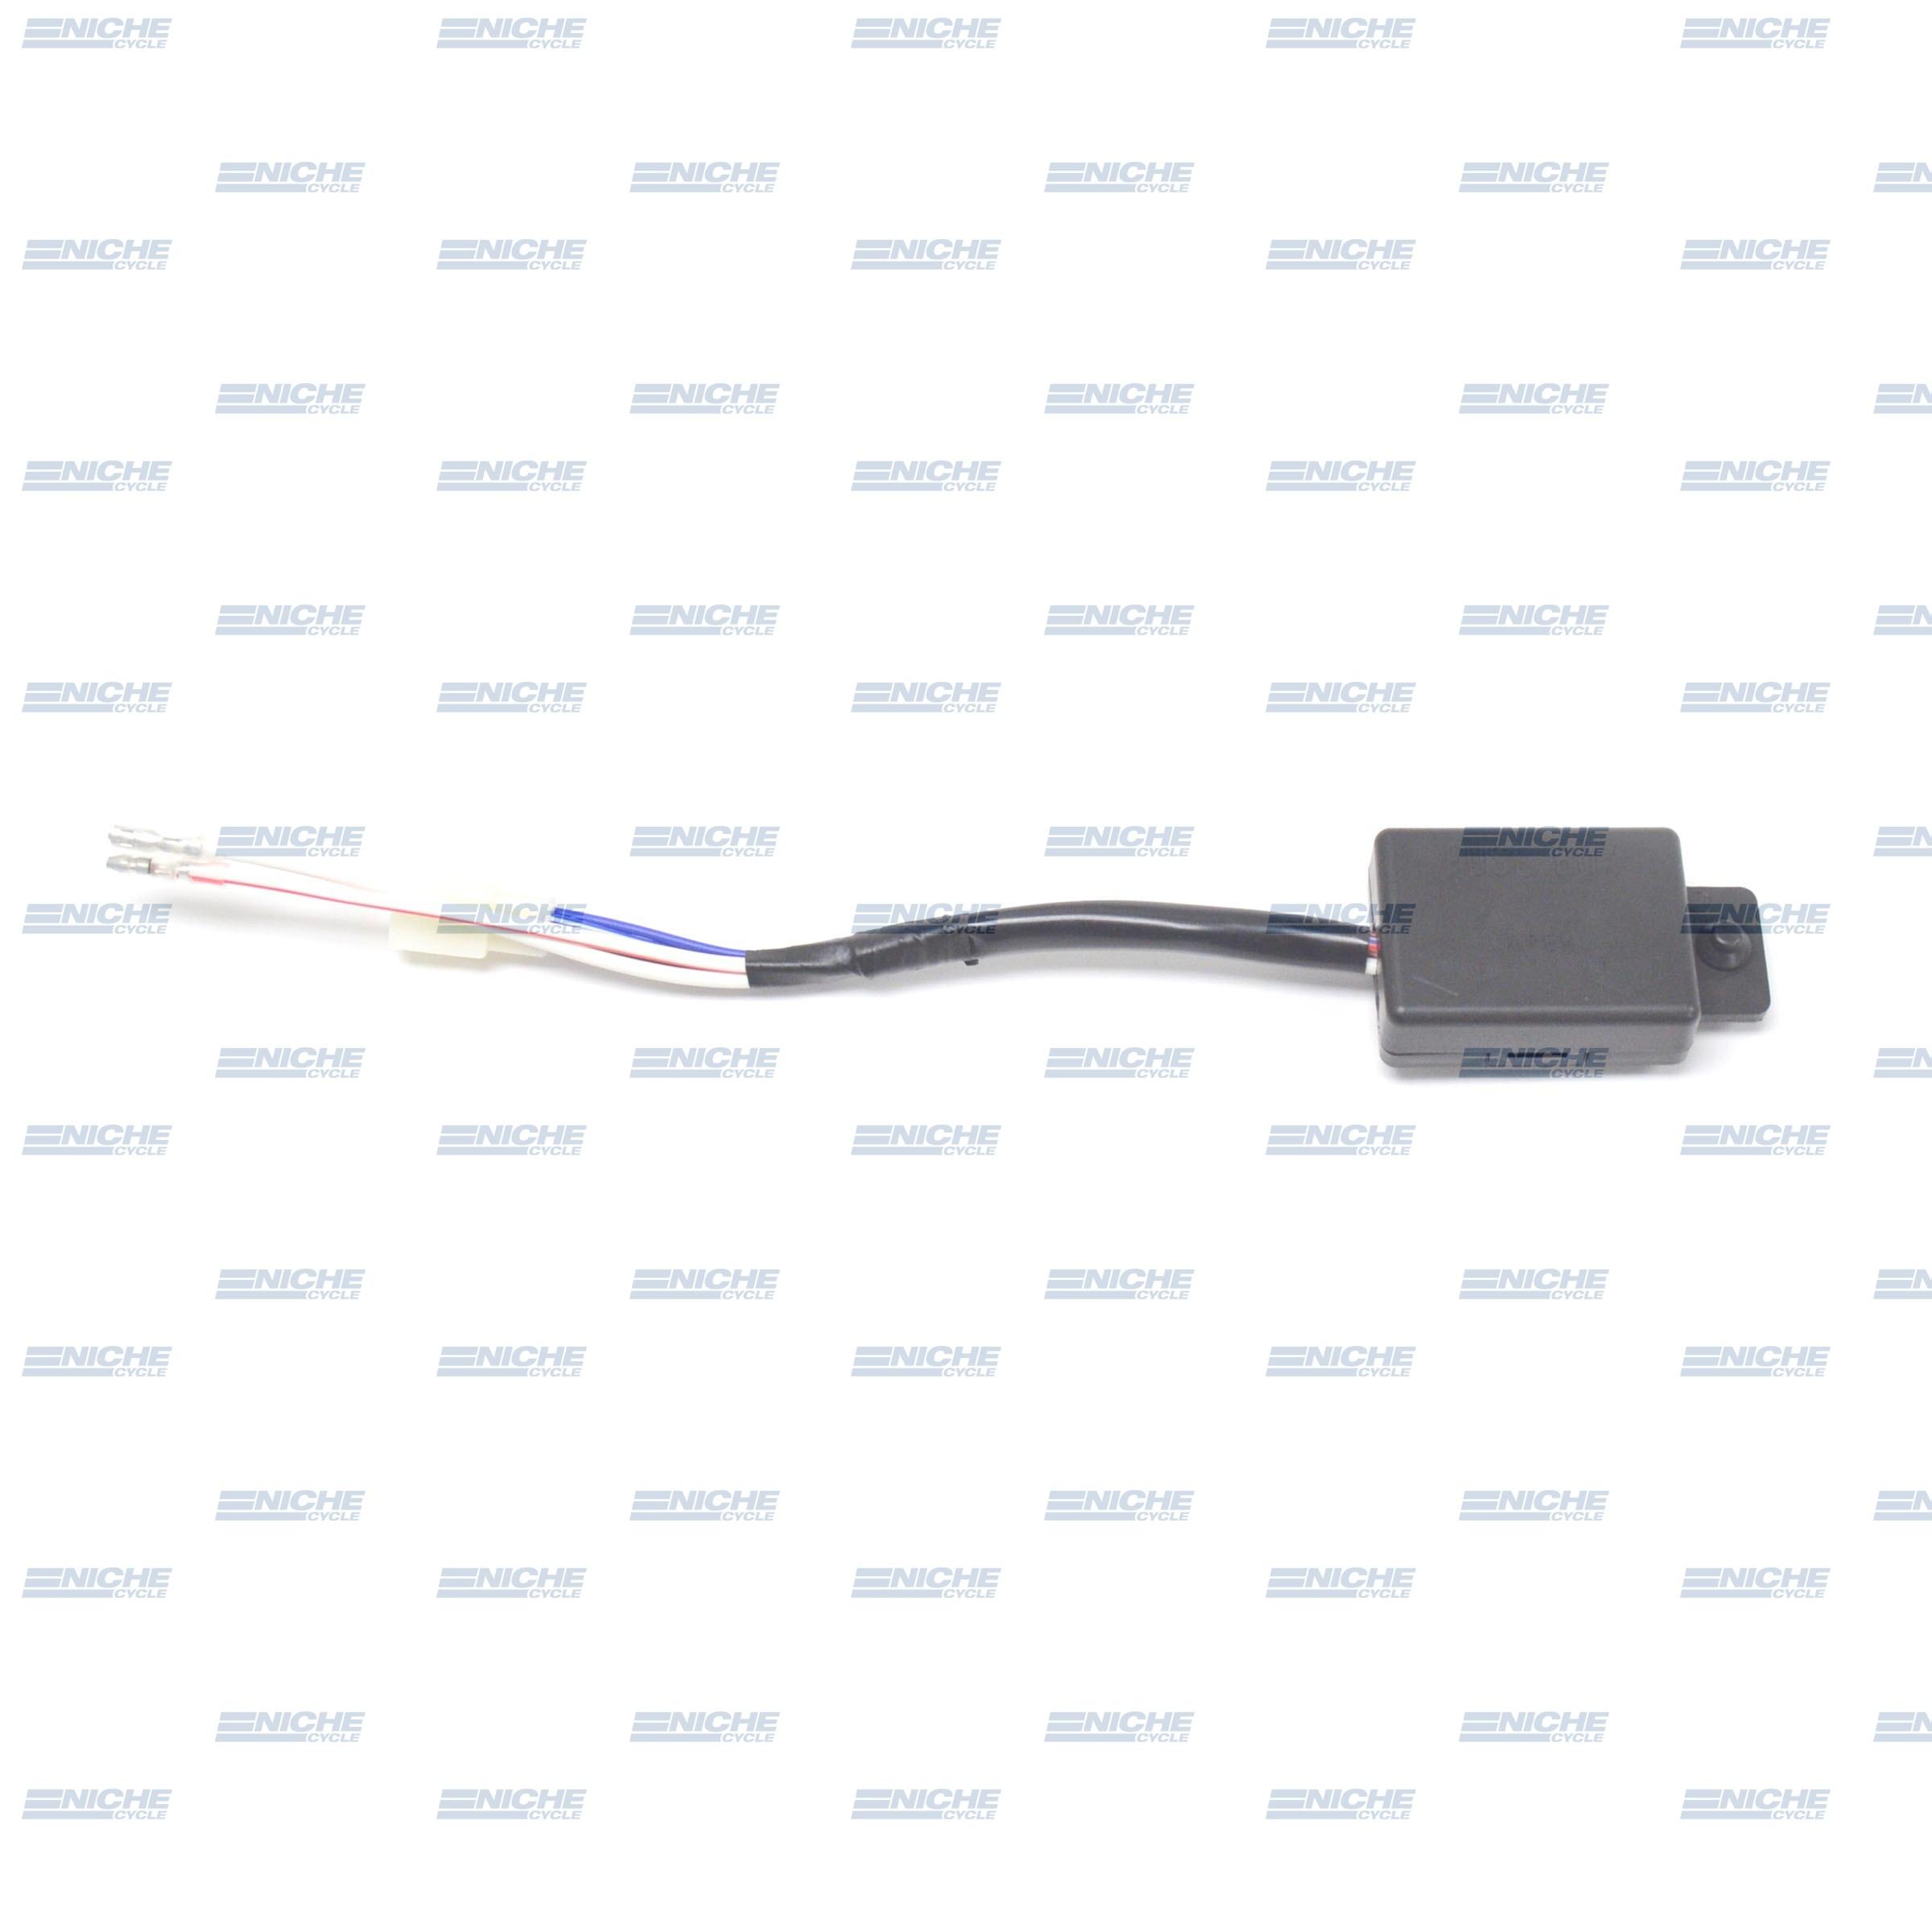 Kawasaki Fuse Box Small Plug